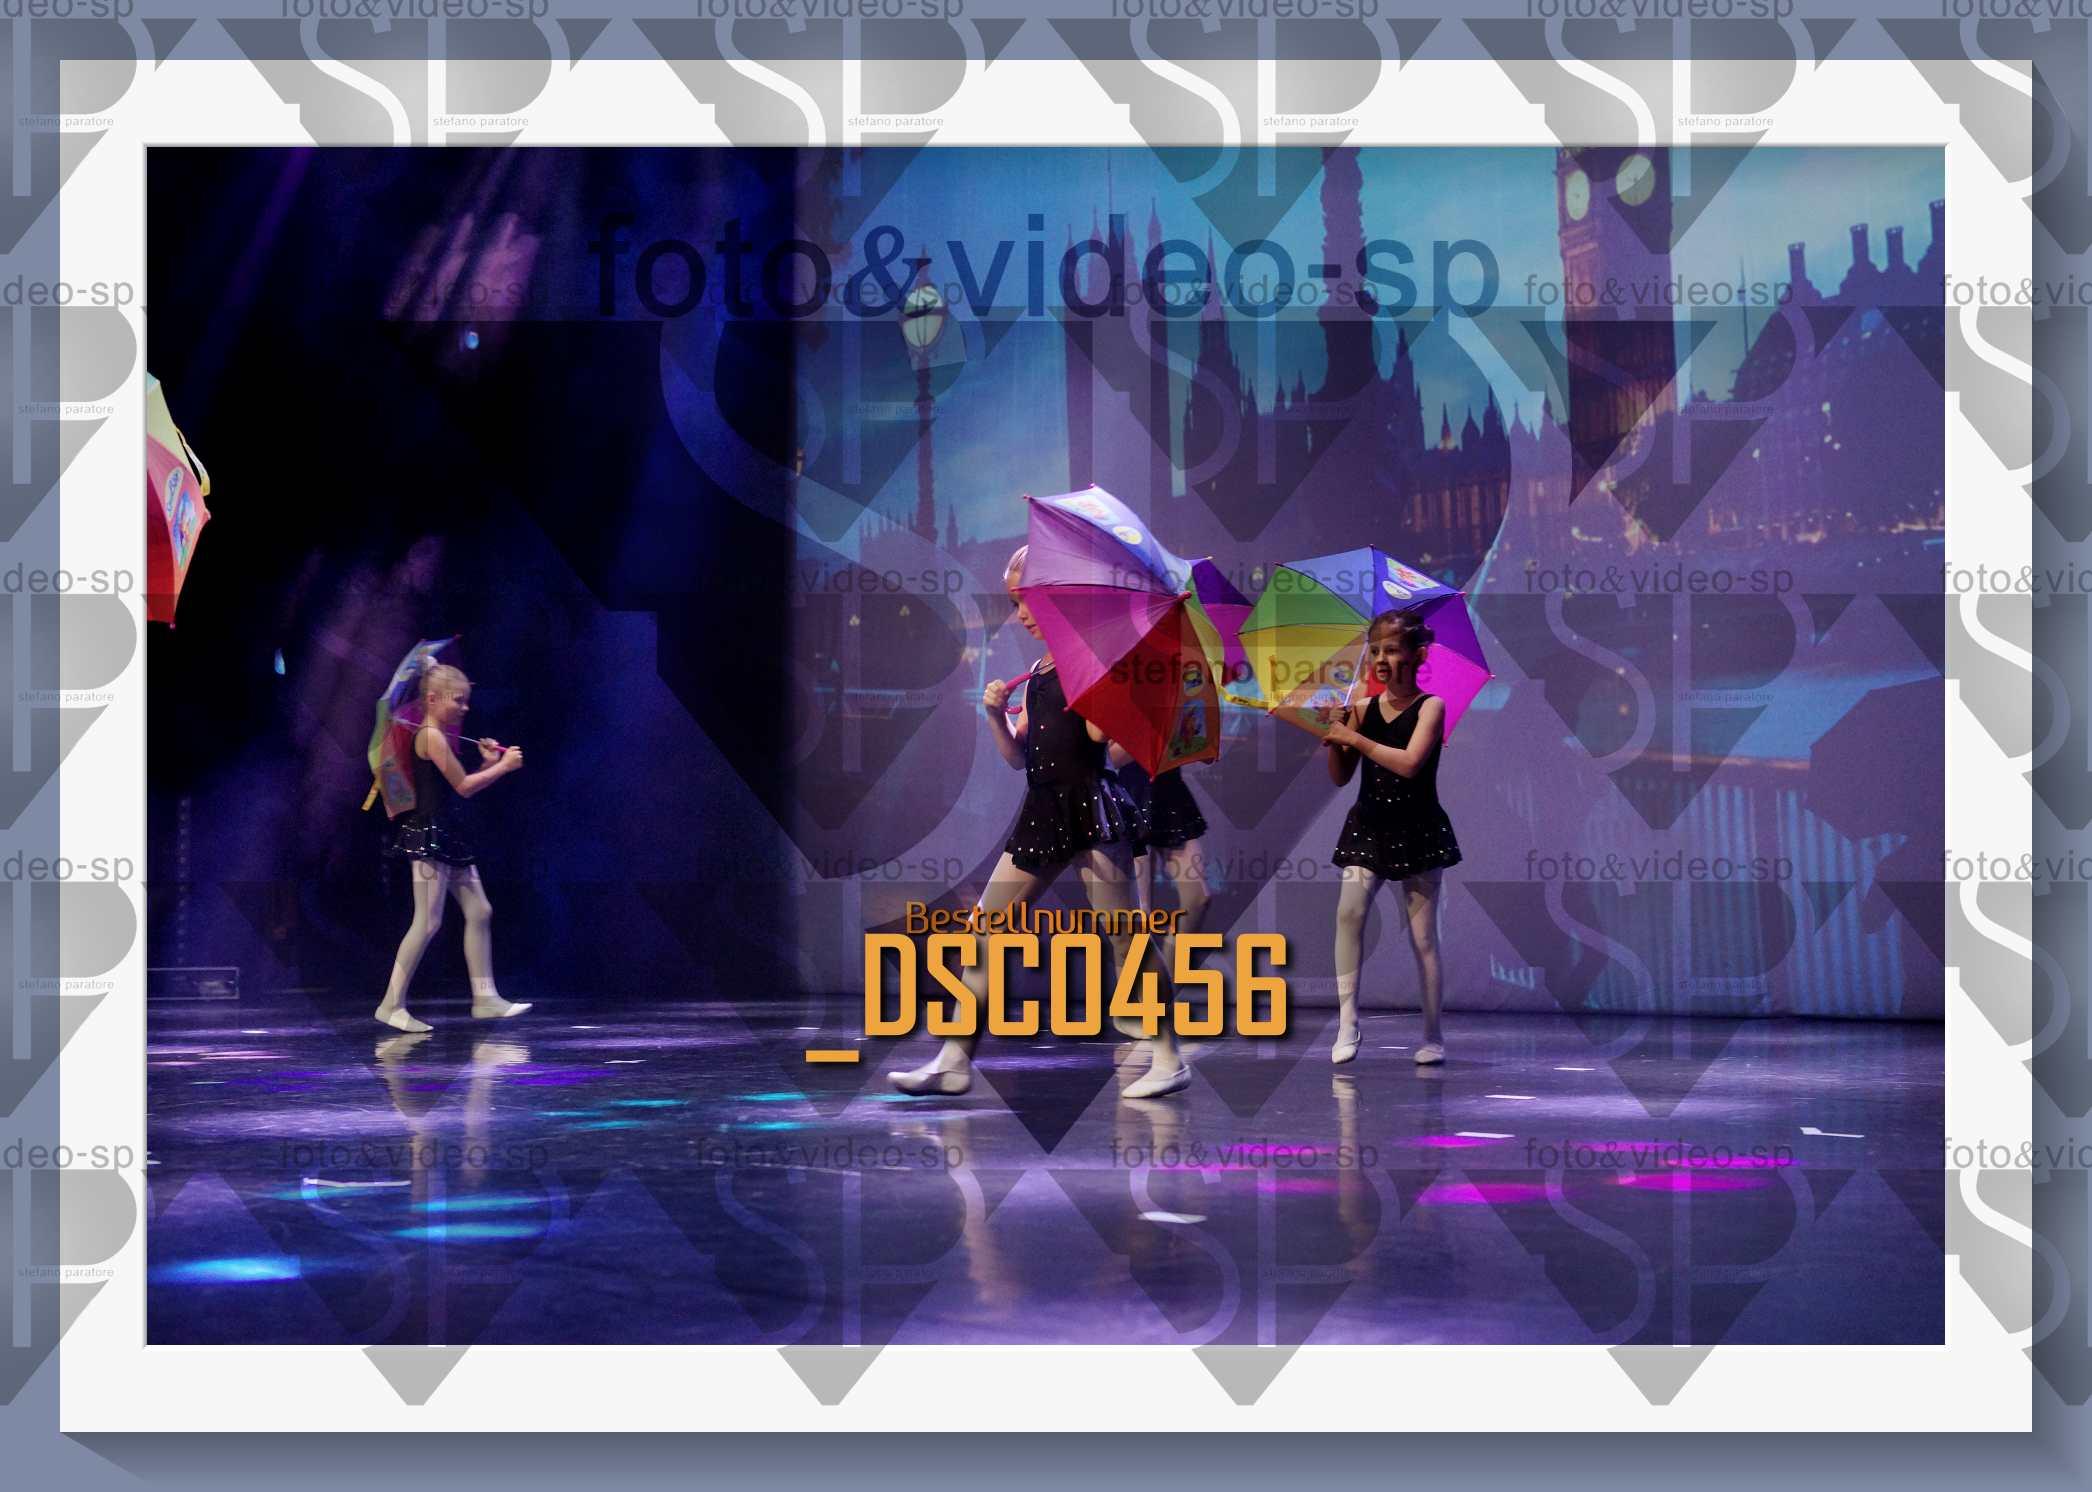 DSC0456